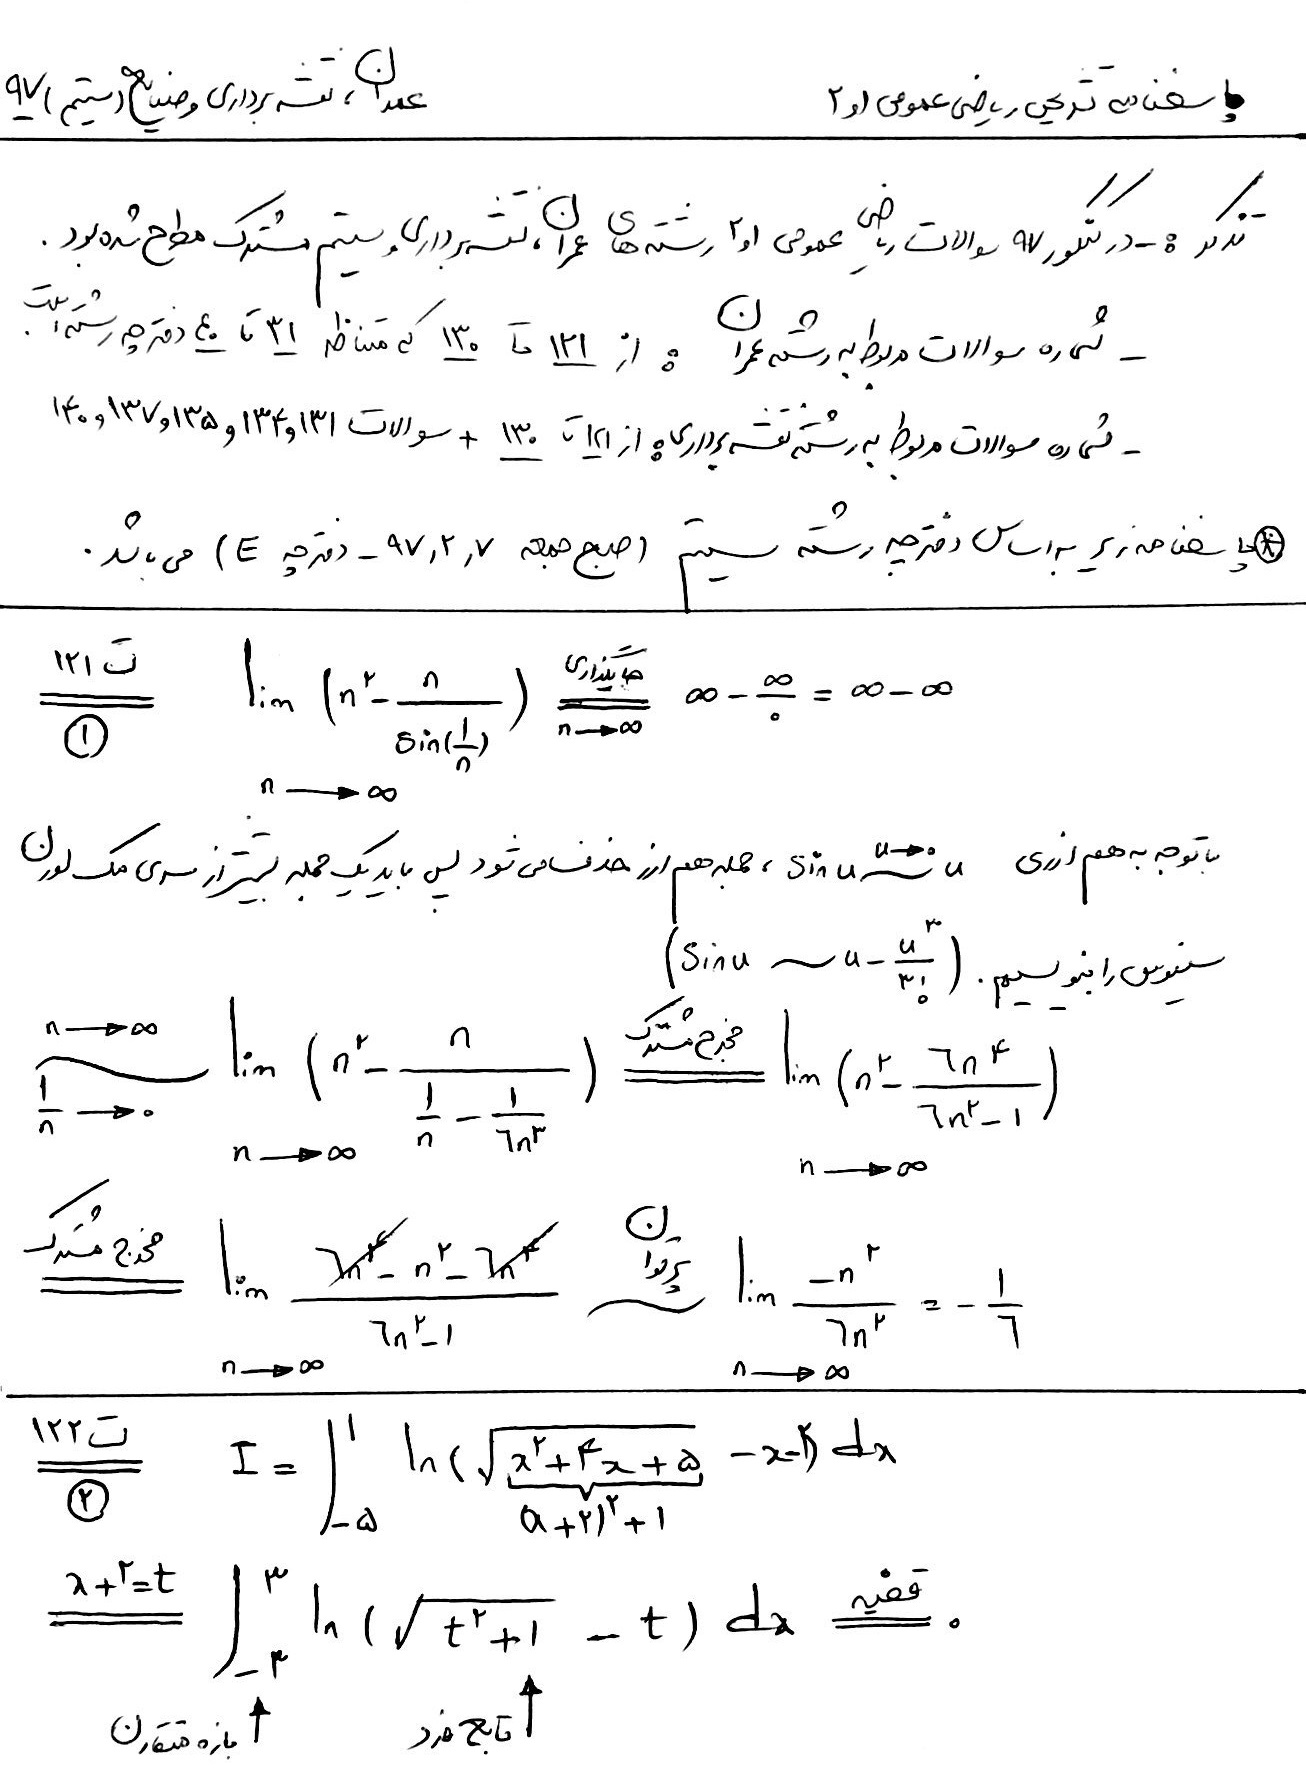 پاسخنامه تشریحی ریاضی عمومی 1و2 کنکور ارشد 97